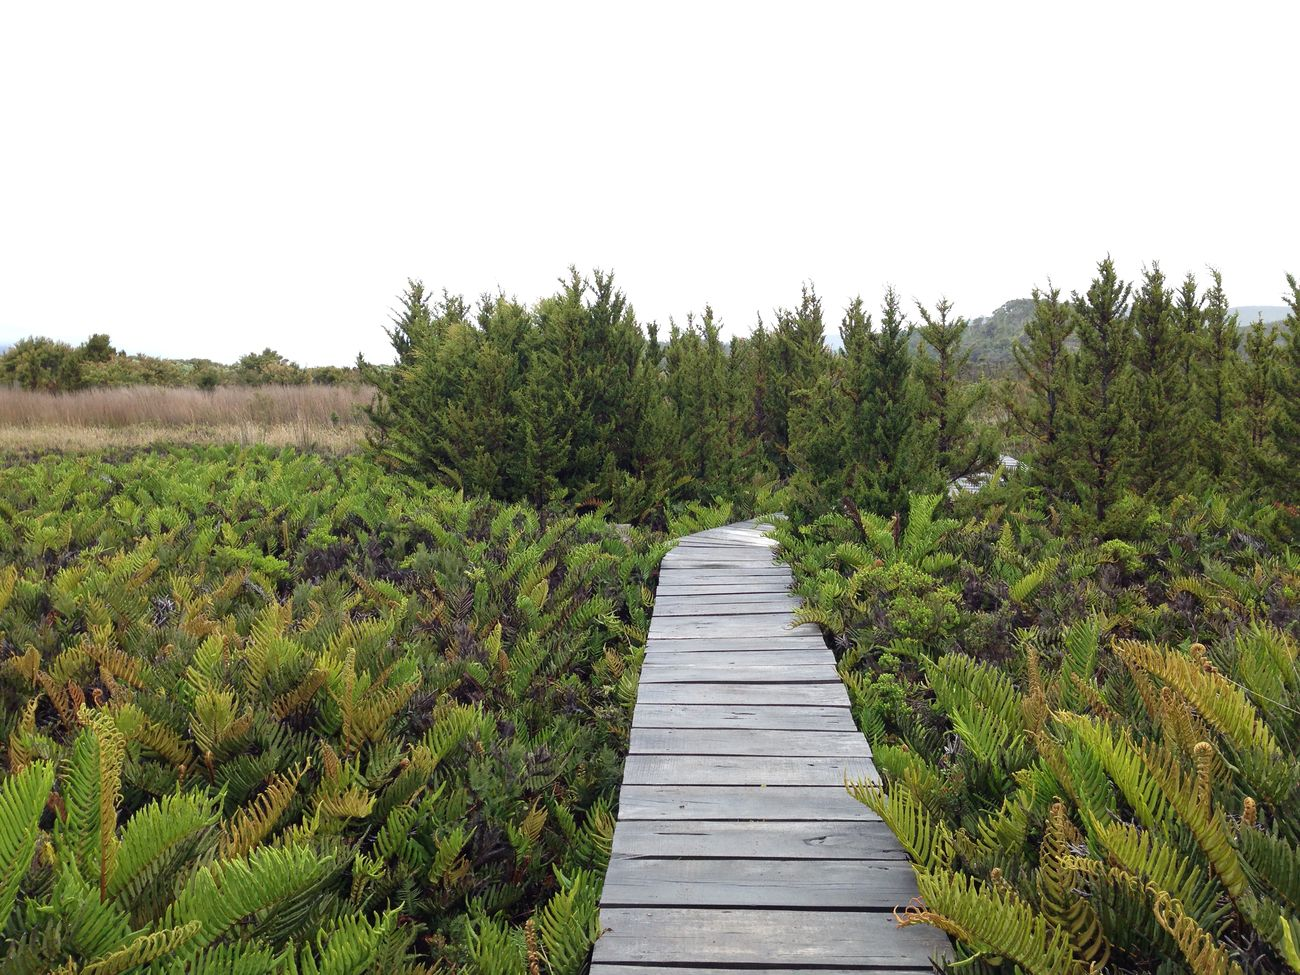 Paisajismo y jardiner a bogot y colombia productos vert n for Paisajismo jardines fotos